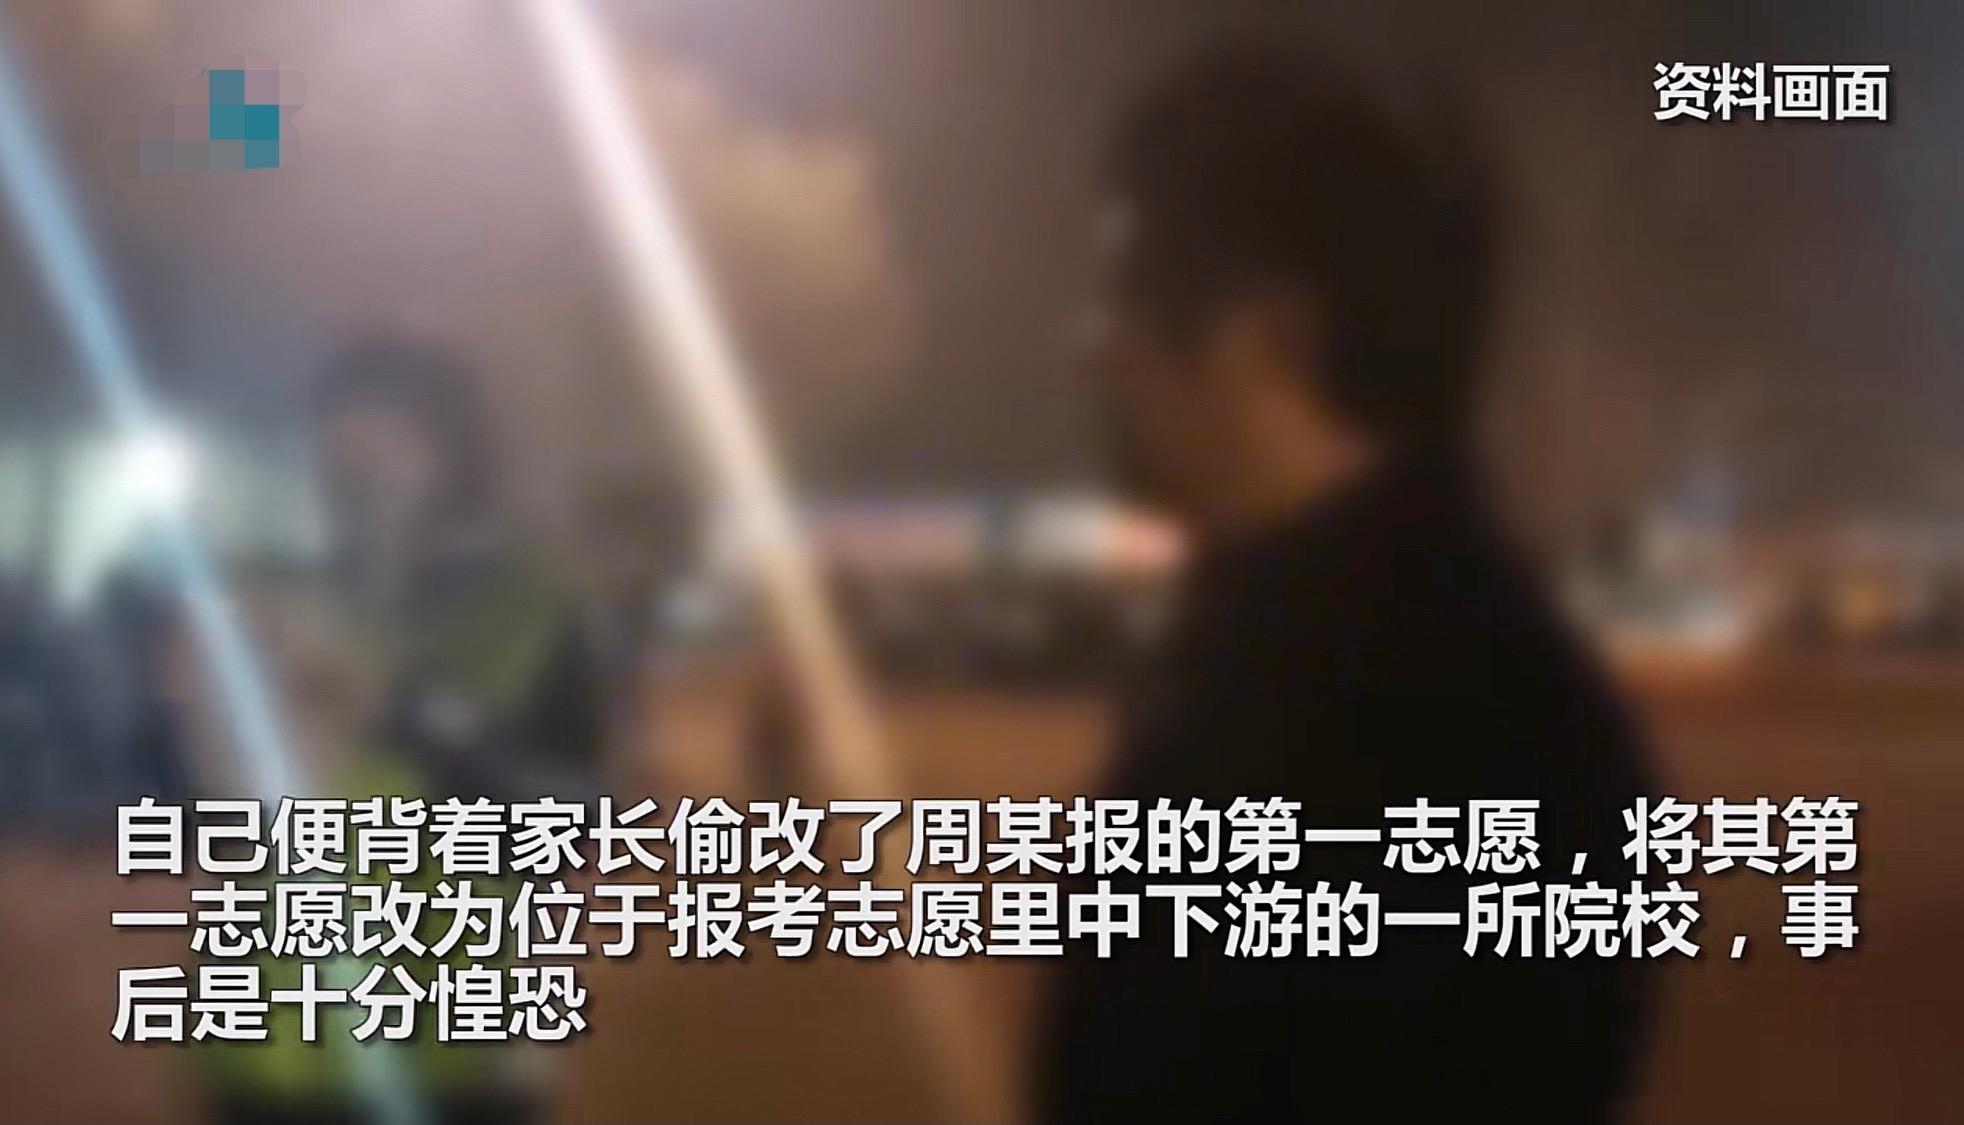 """""""想惩罚他一下!""""河北男生篡改同学高考志愿被拘留:改成中下游院校"""